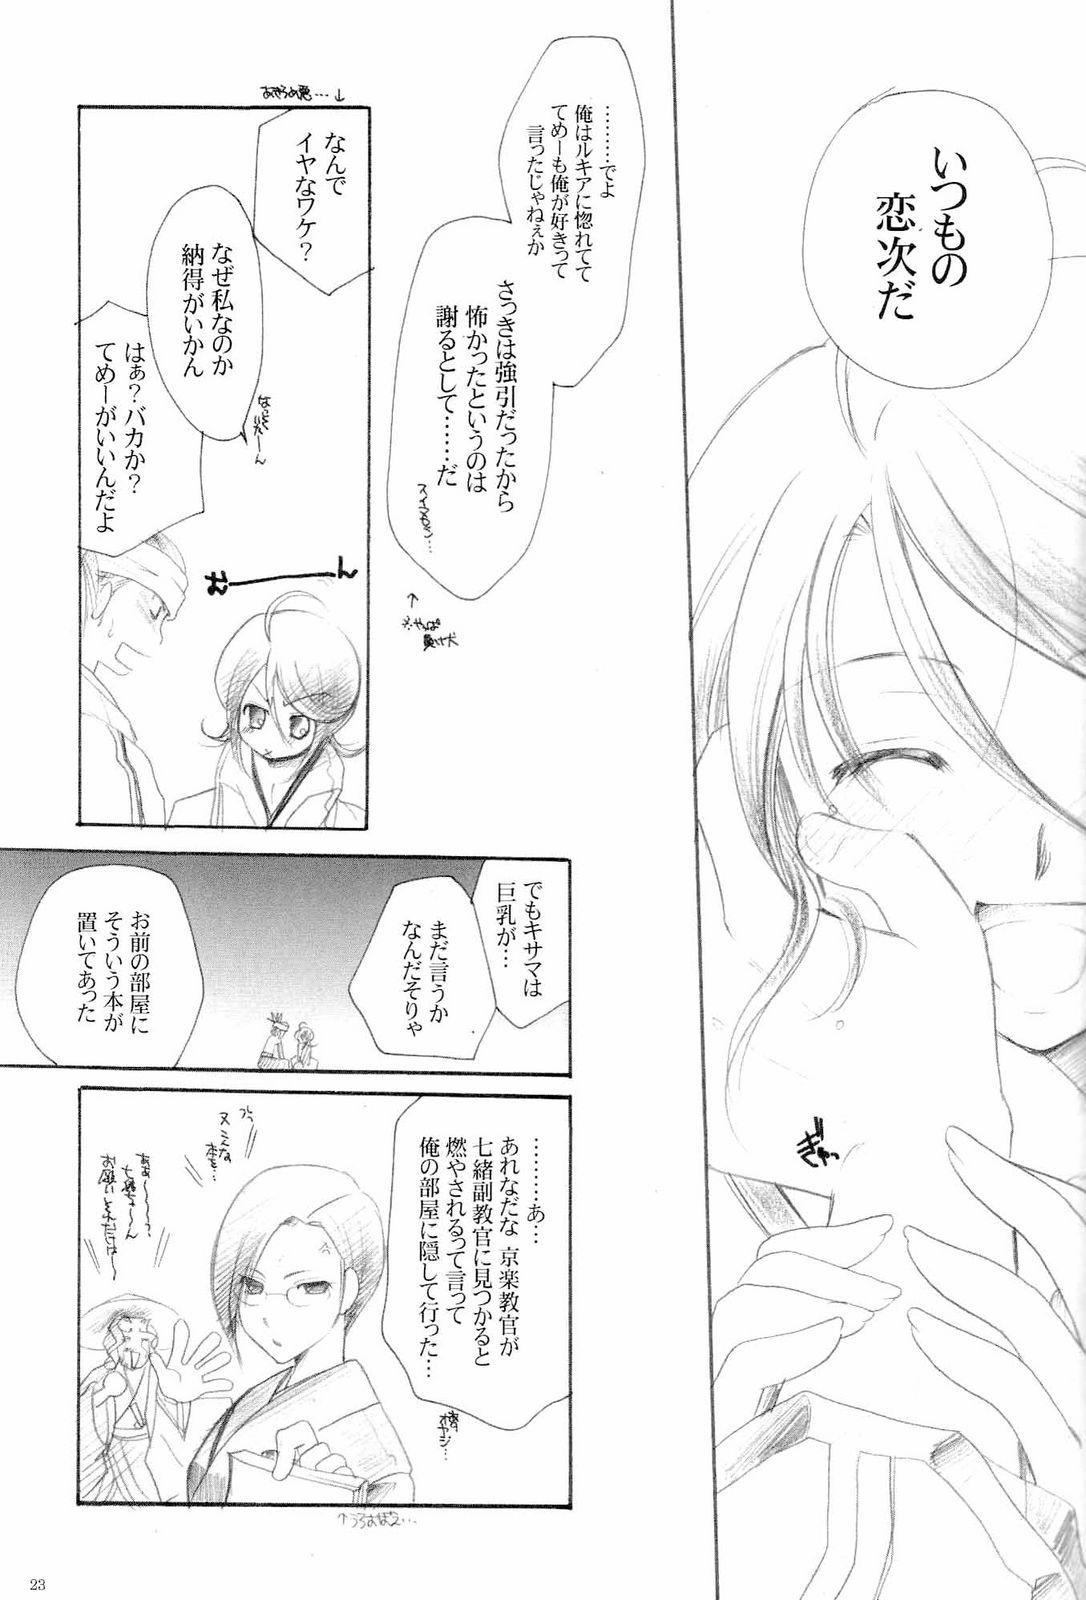 Usagi-chan Goyoujin 21